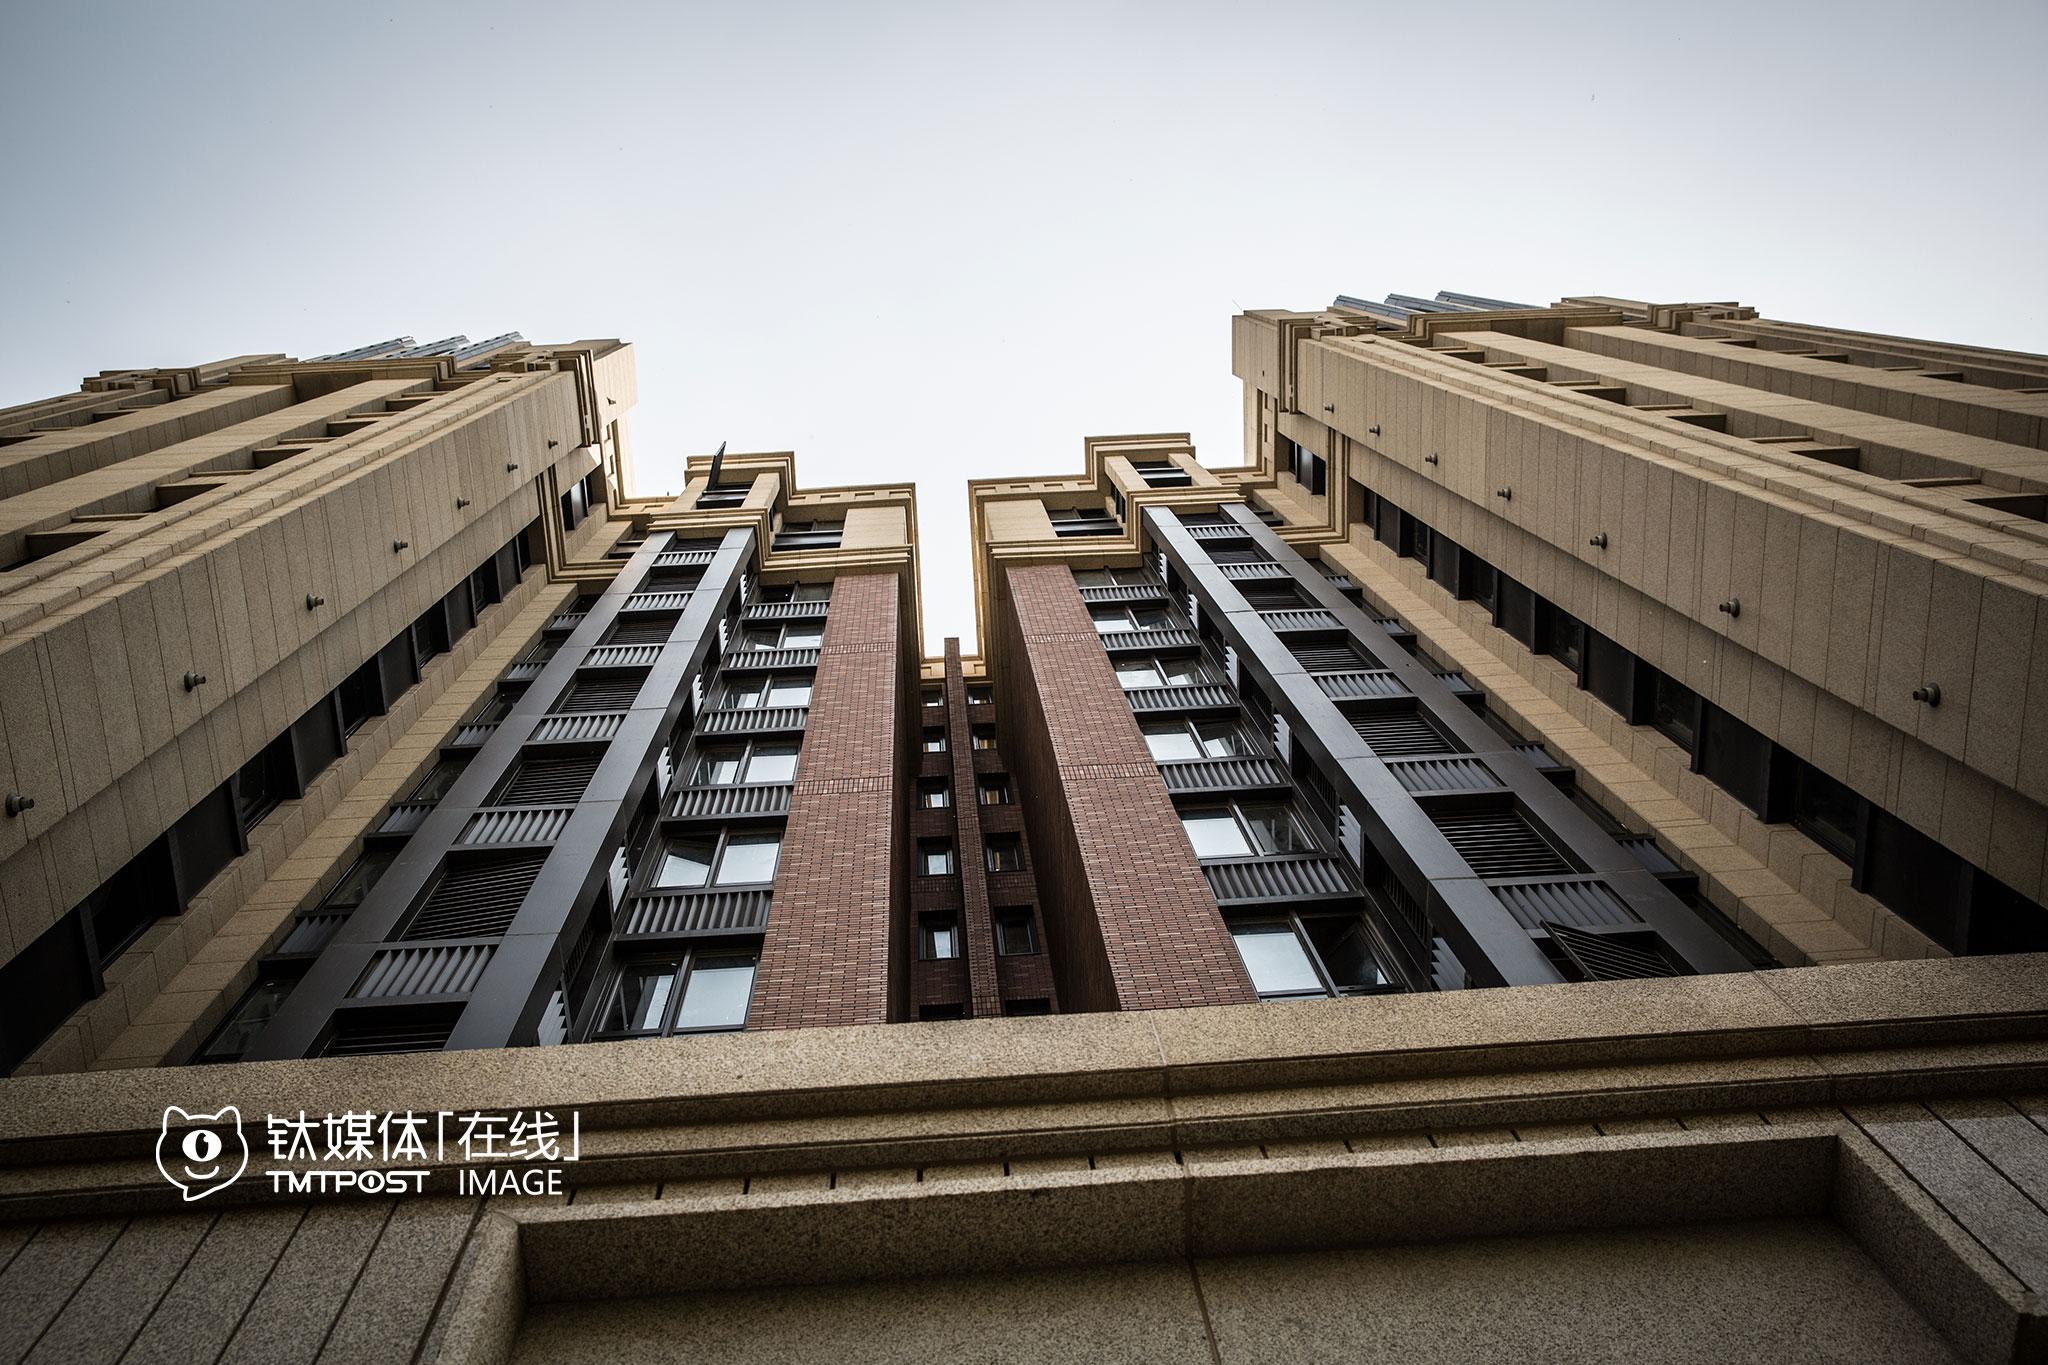 距离上地地铁站2公里,某精装修楼盘,开盘价预计在9万元左右,而这里的房价,10年前为8000元每平。